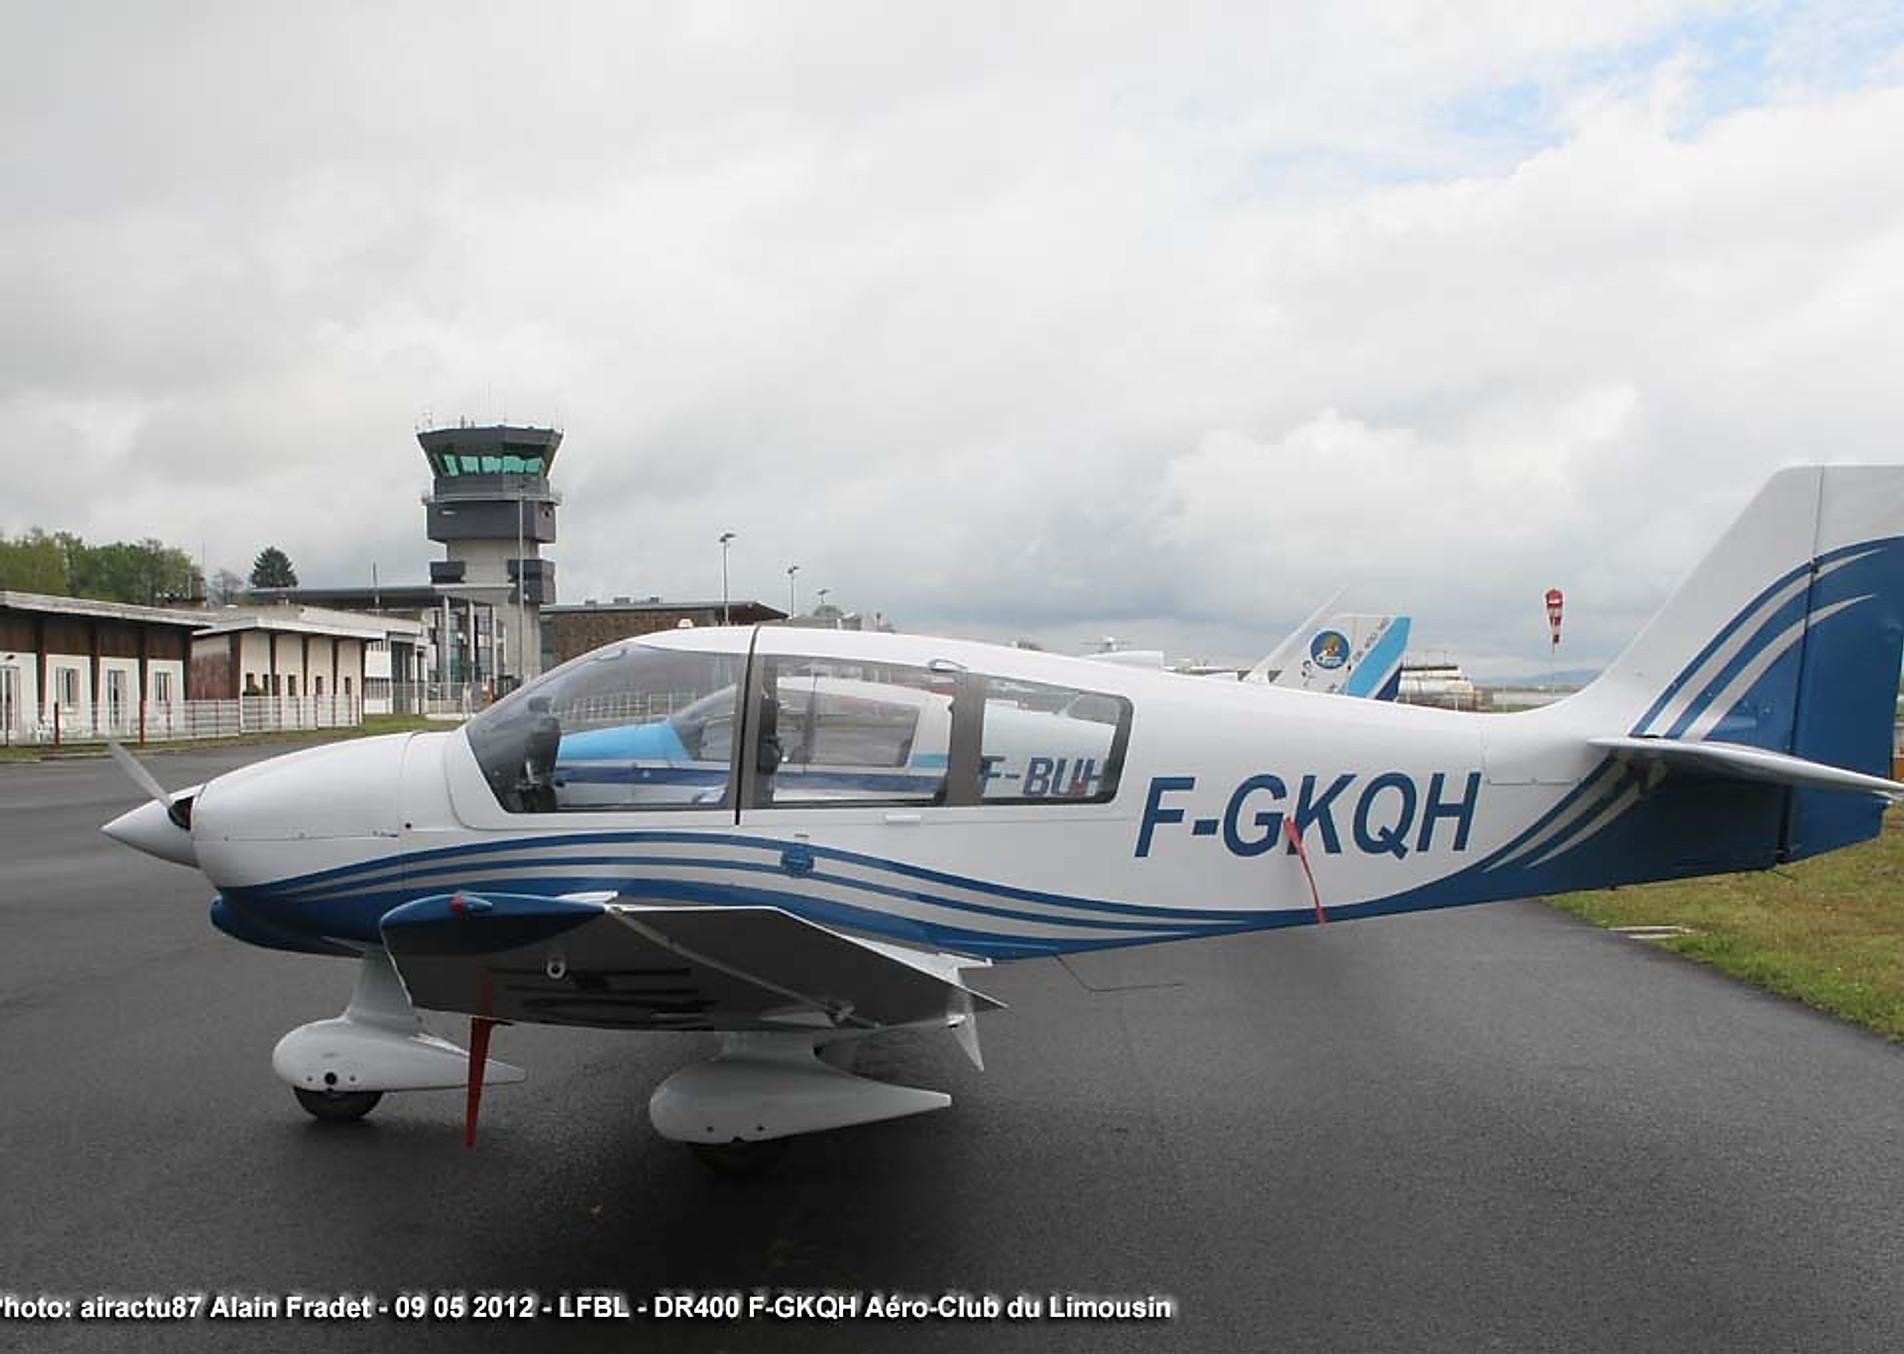 DR400, le robin DR400 est un avion 4 places en toile et bois, monomoteur à pistons (160 cv), non pressurisé, à ailes basses, à train tricycle. Vitesse de croisière 110 kt, autonomie 4h